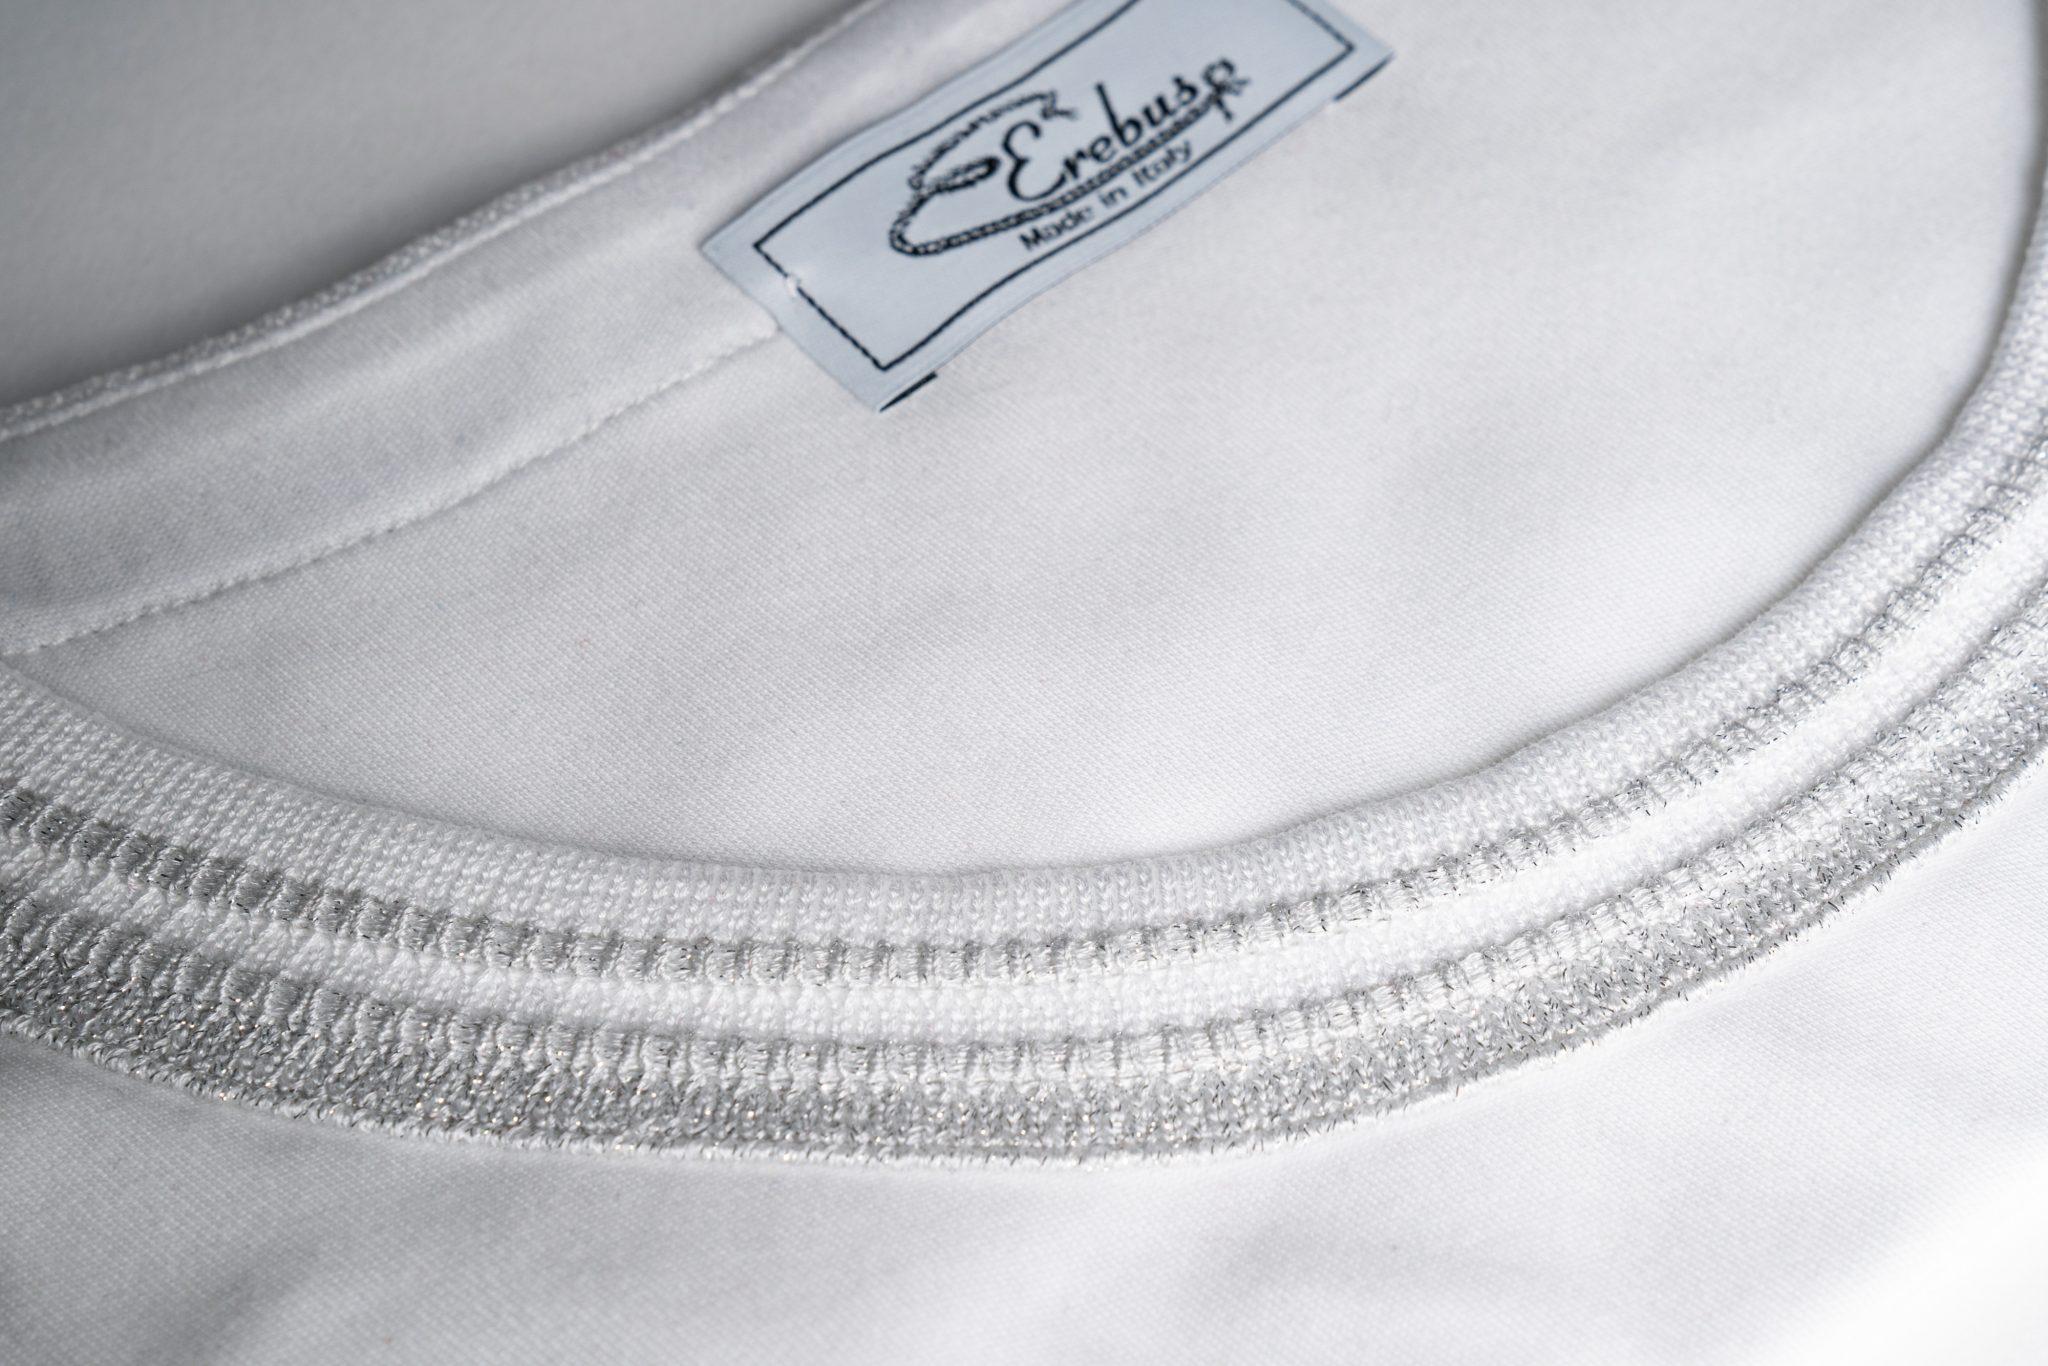 Dettaglio Scollo jaquard tshirt bianca e argento